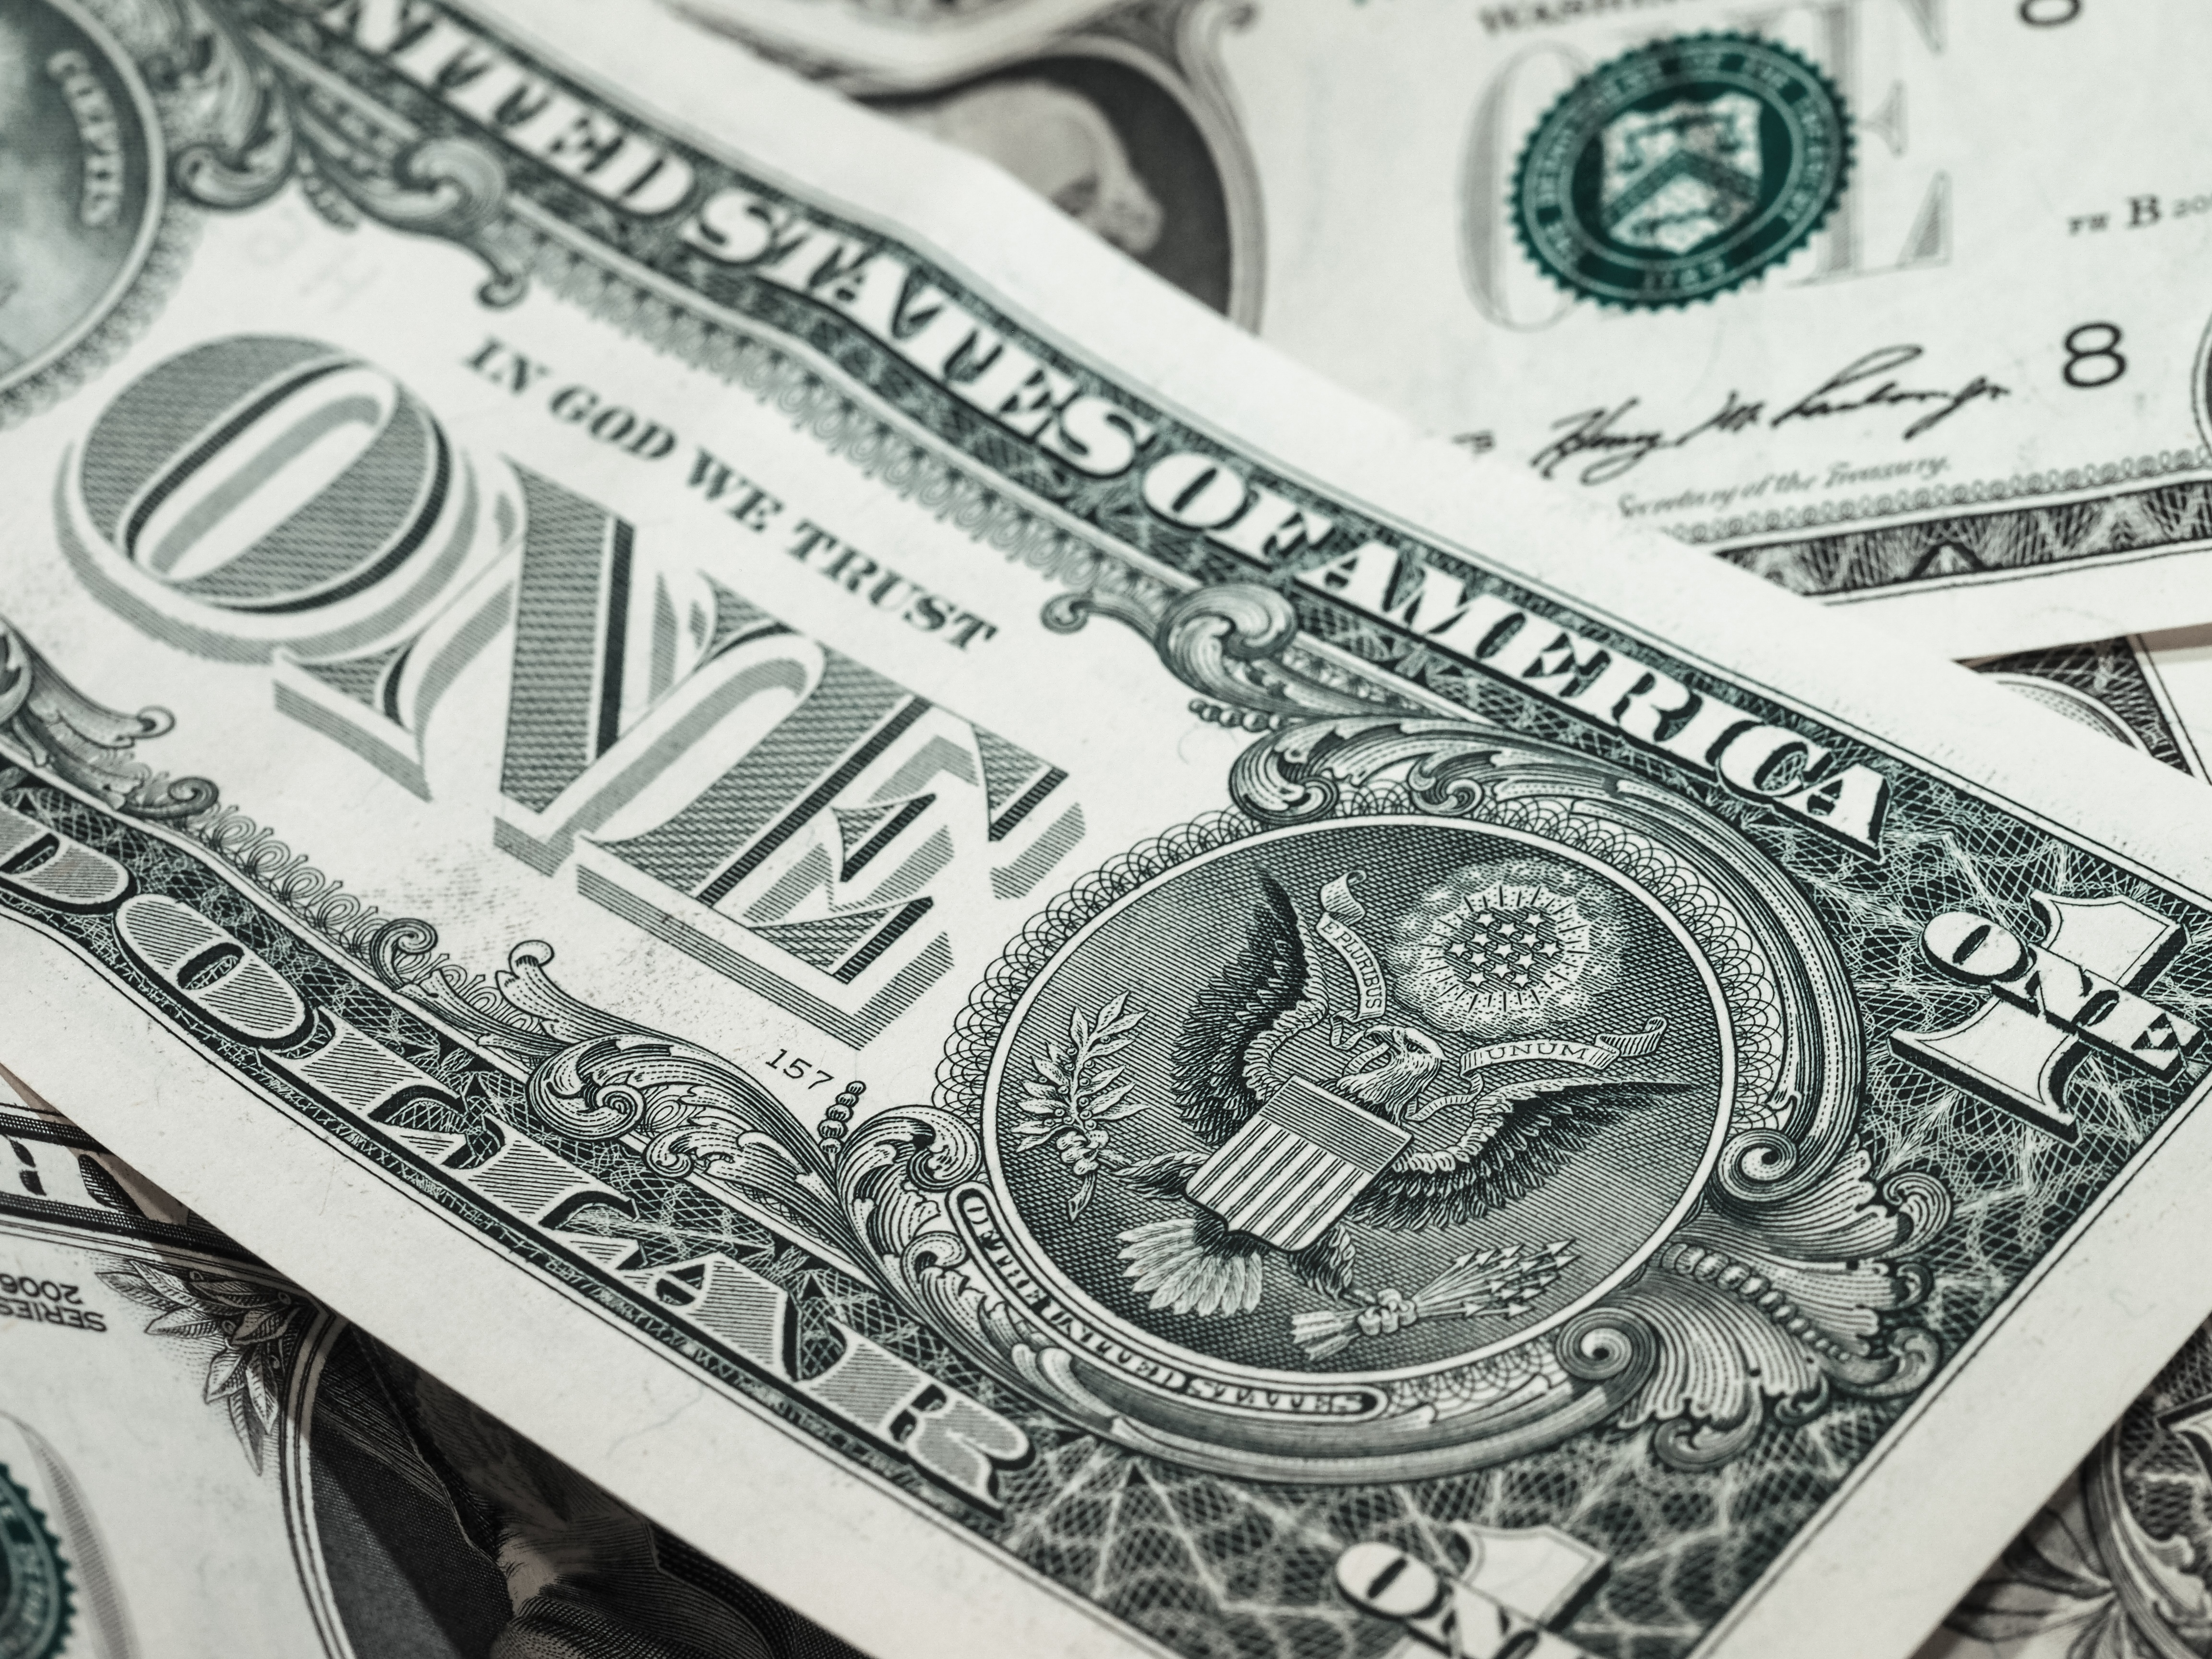 117527 Заставки и Обои Деньги на телефон. Скачать Деньги, Разное, Доллар, Купюра, Банкнота картинки бесплатно